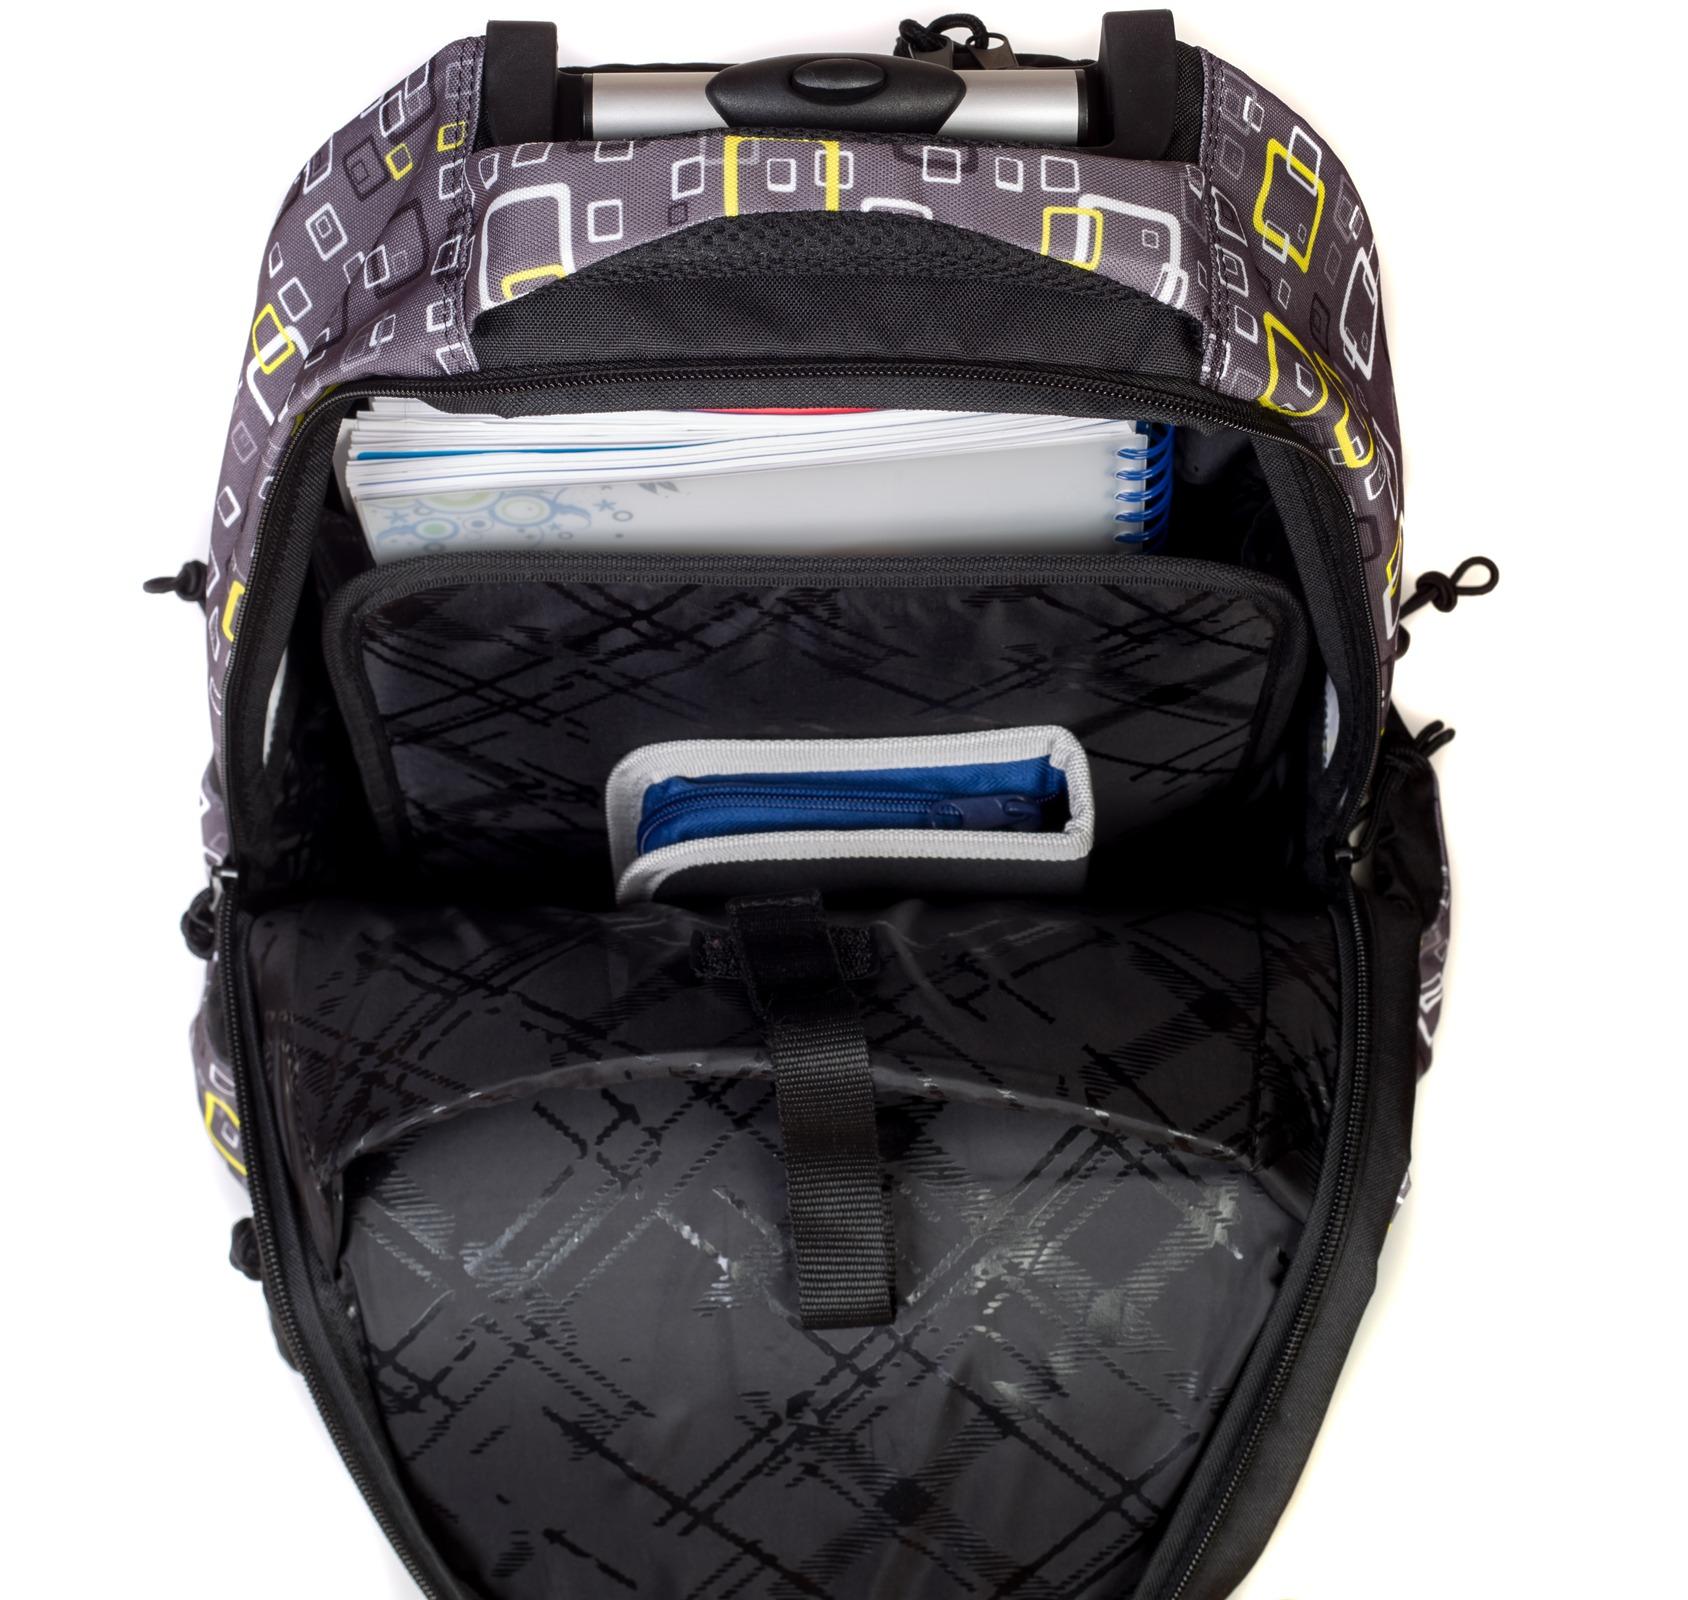 Рюкзак на колесиках с выдвижной с ручкой Belmil BLUE MAGIC 338-45/772, - фото 9